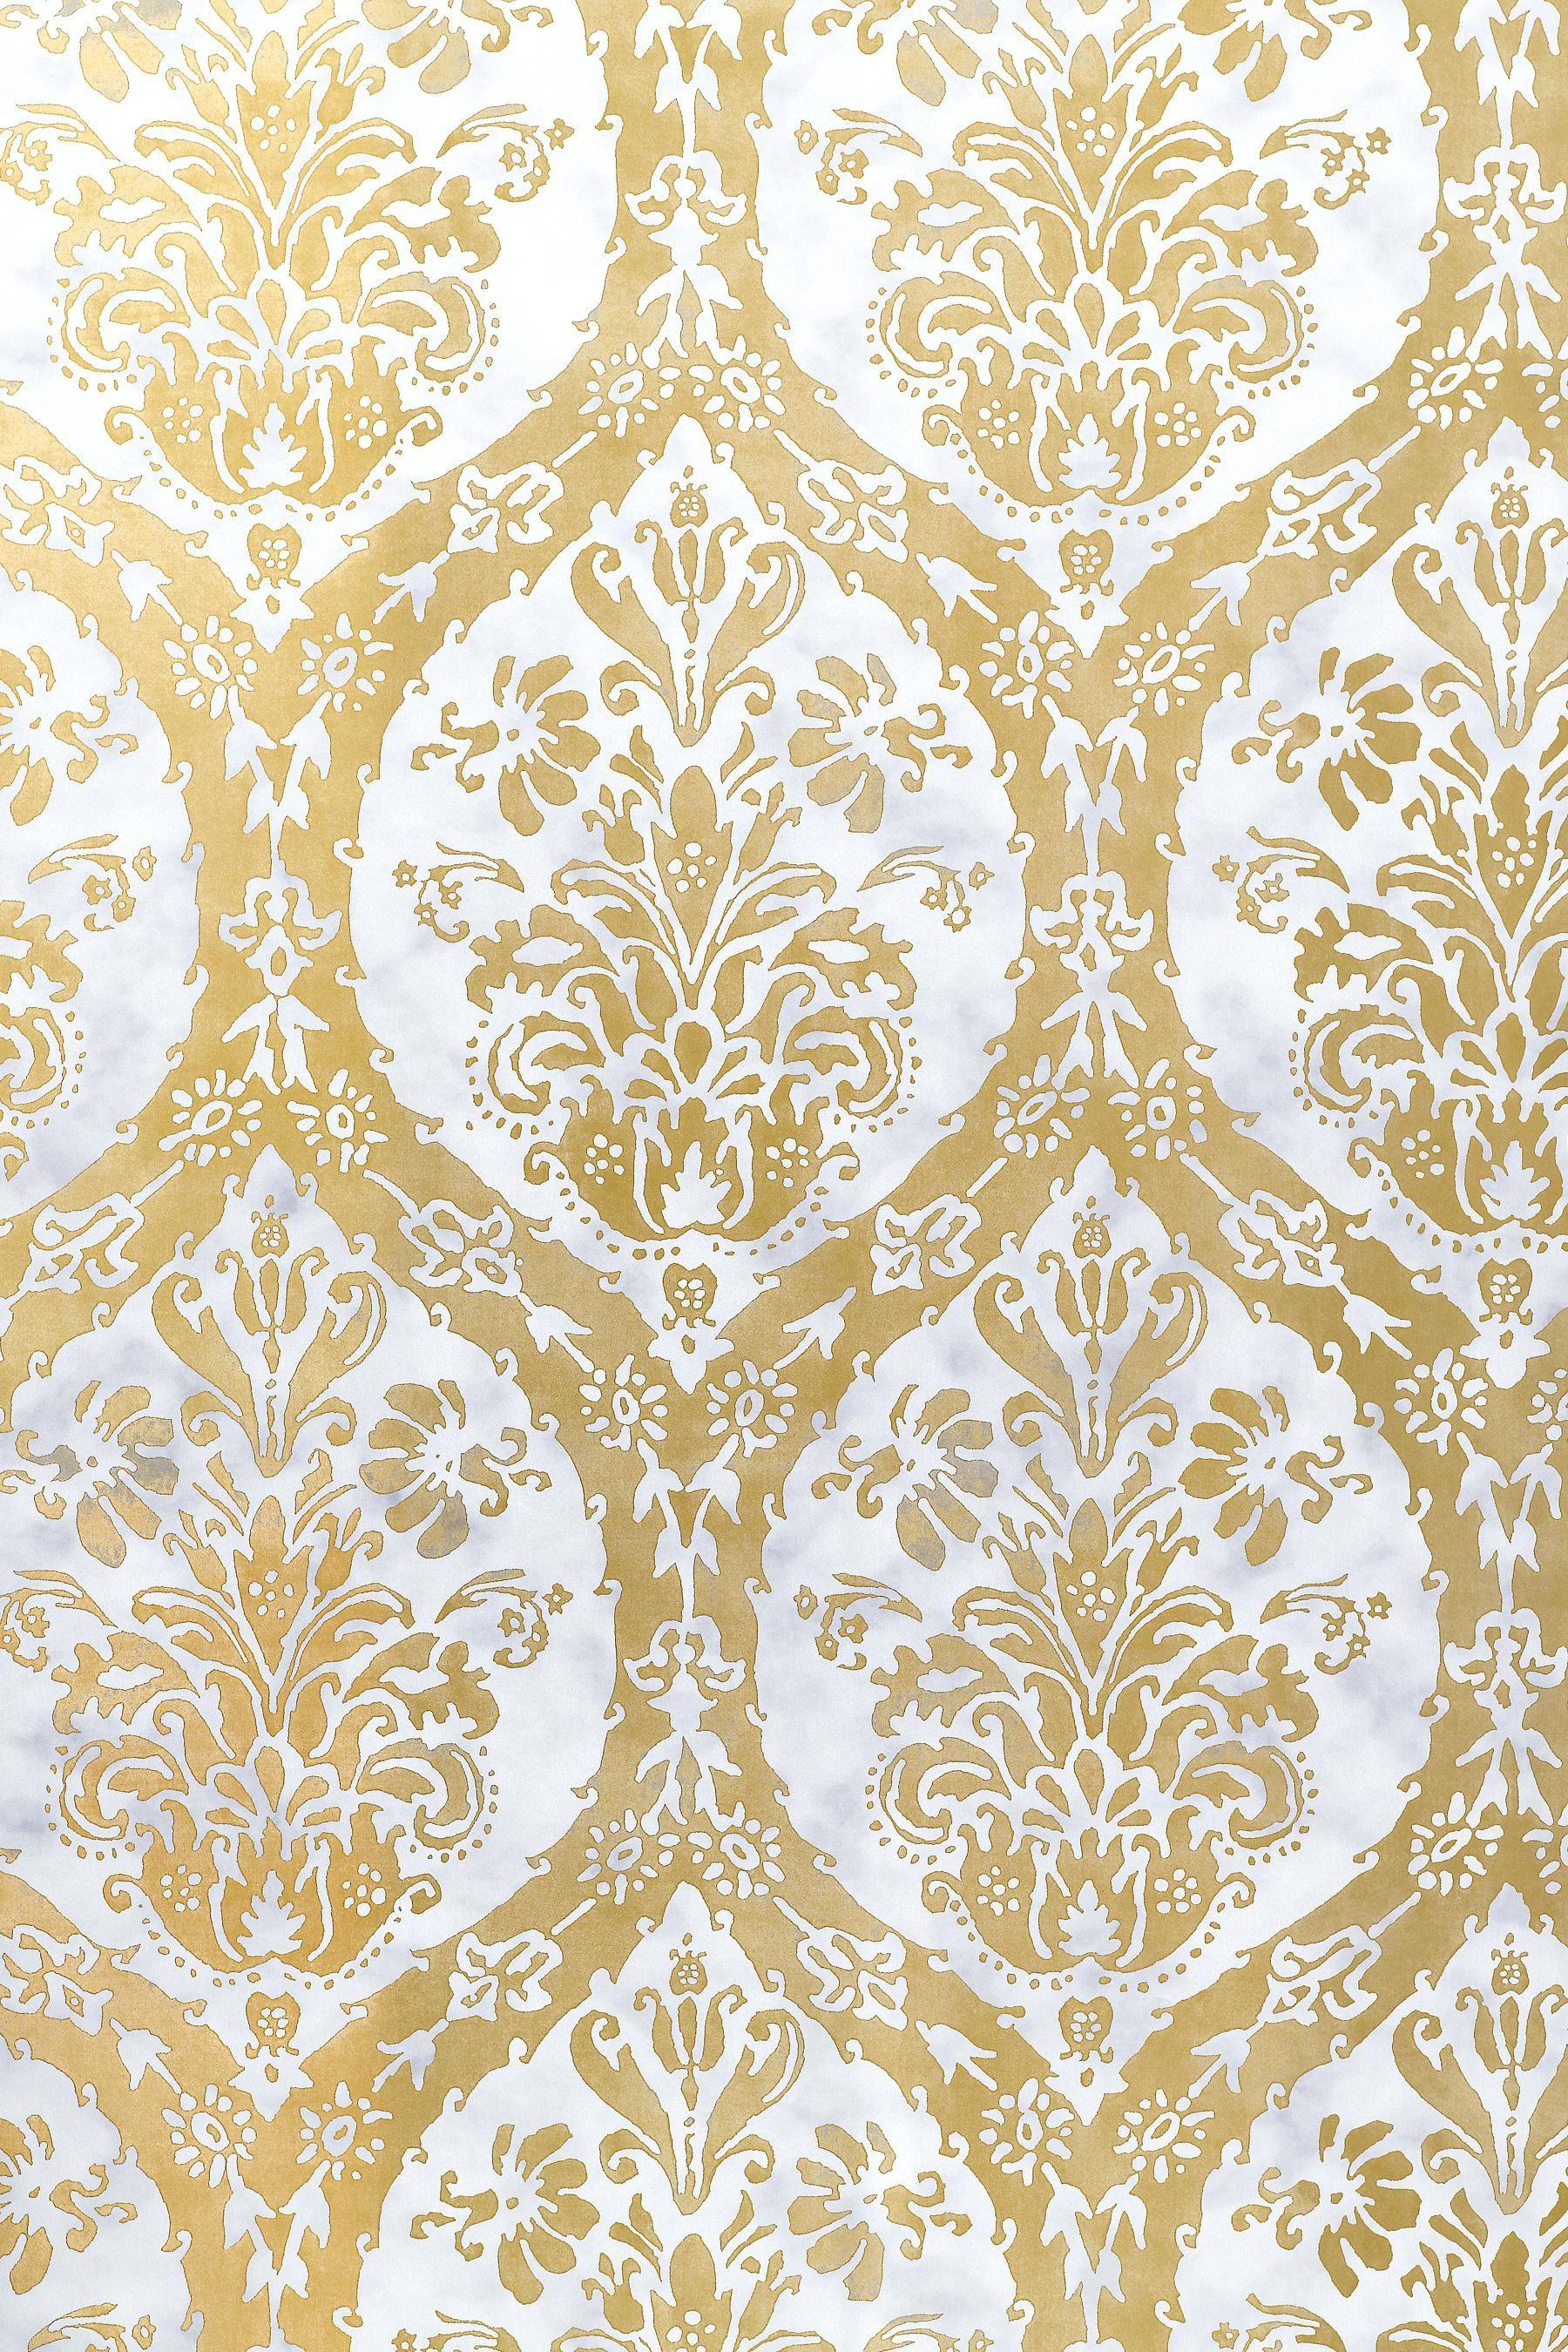 foil damask wallpaper print google search gold leaf